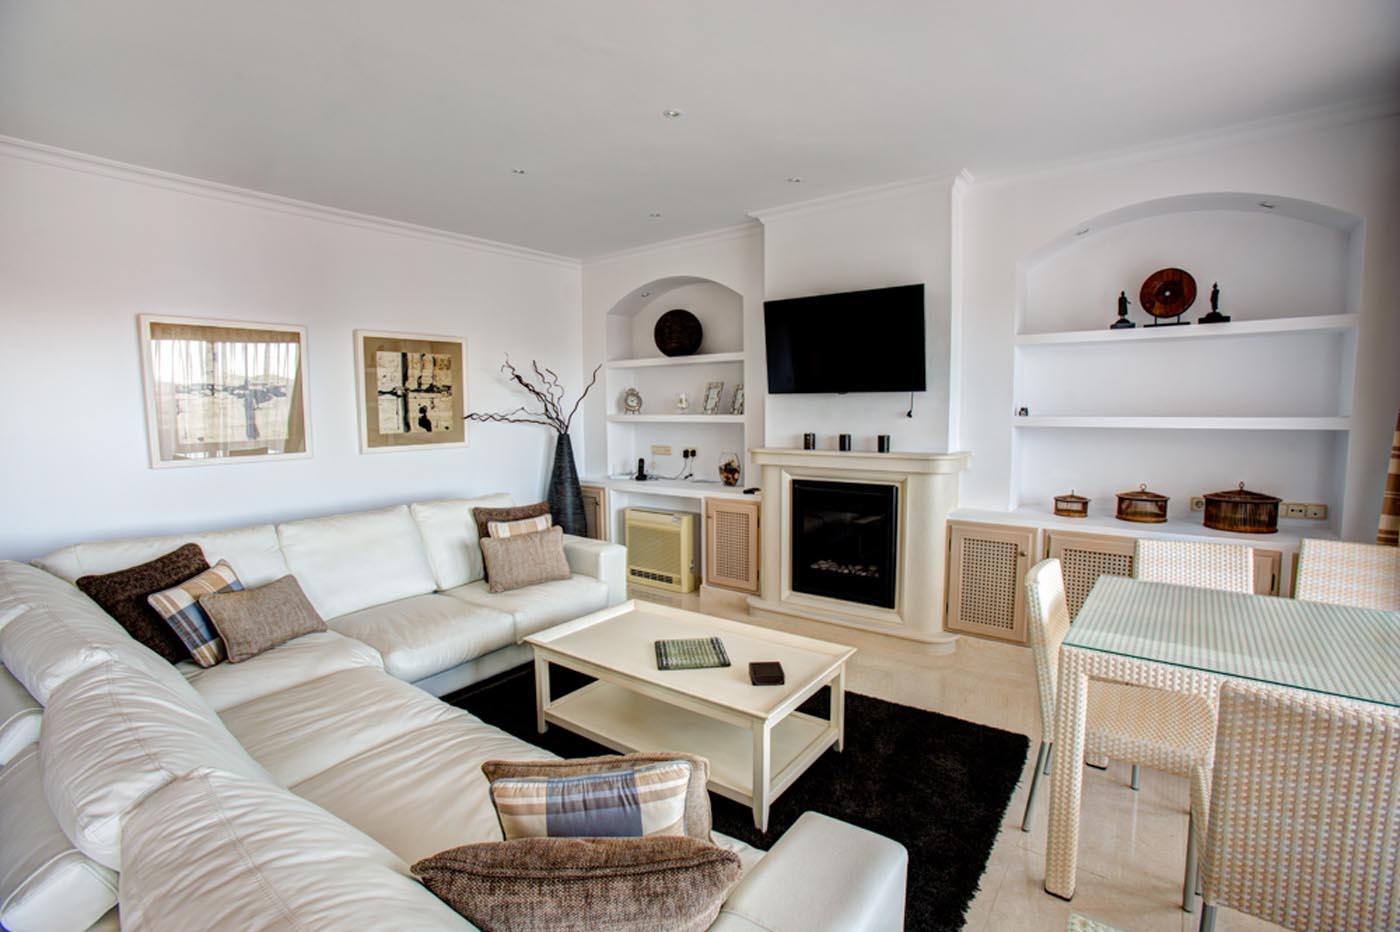 Another great El Mirador del Mar apartment